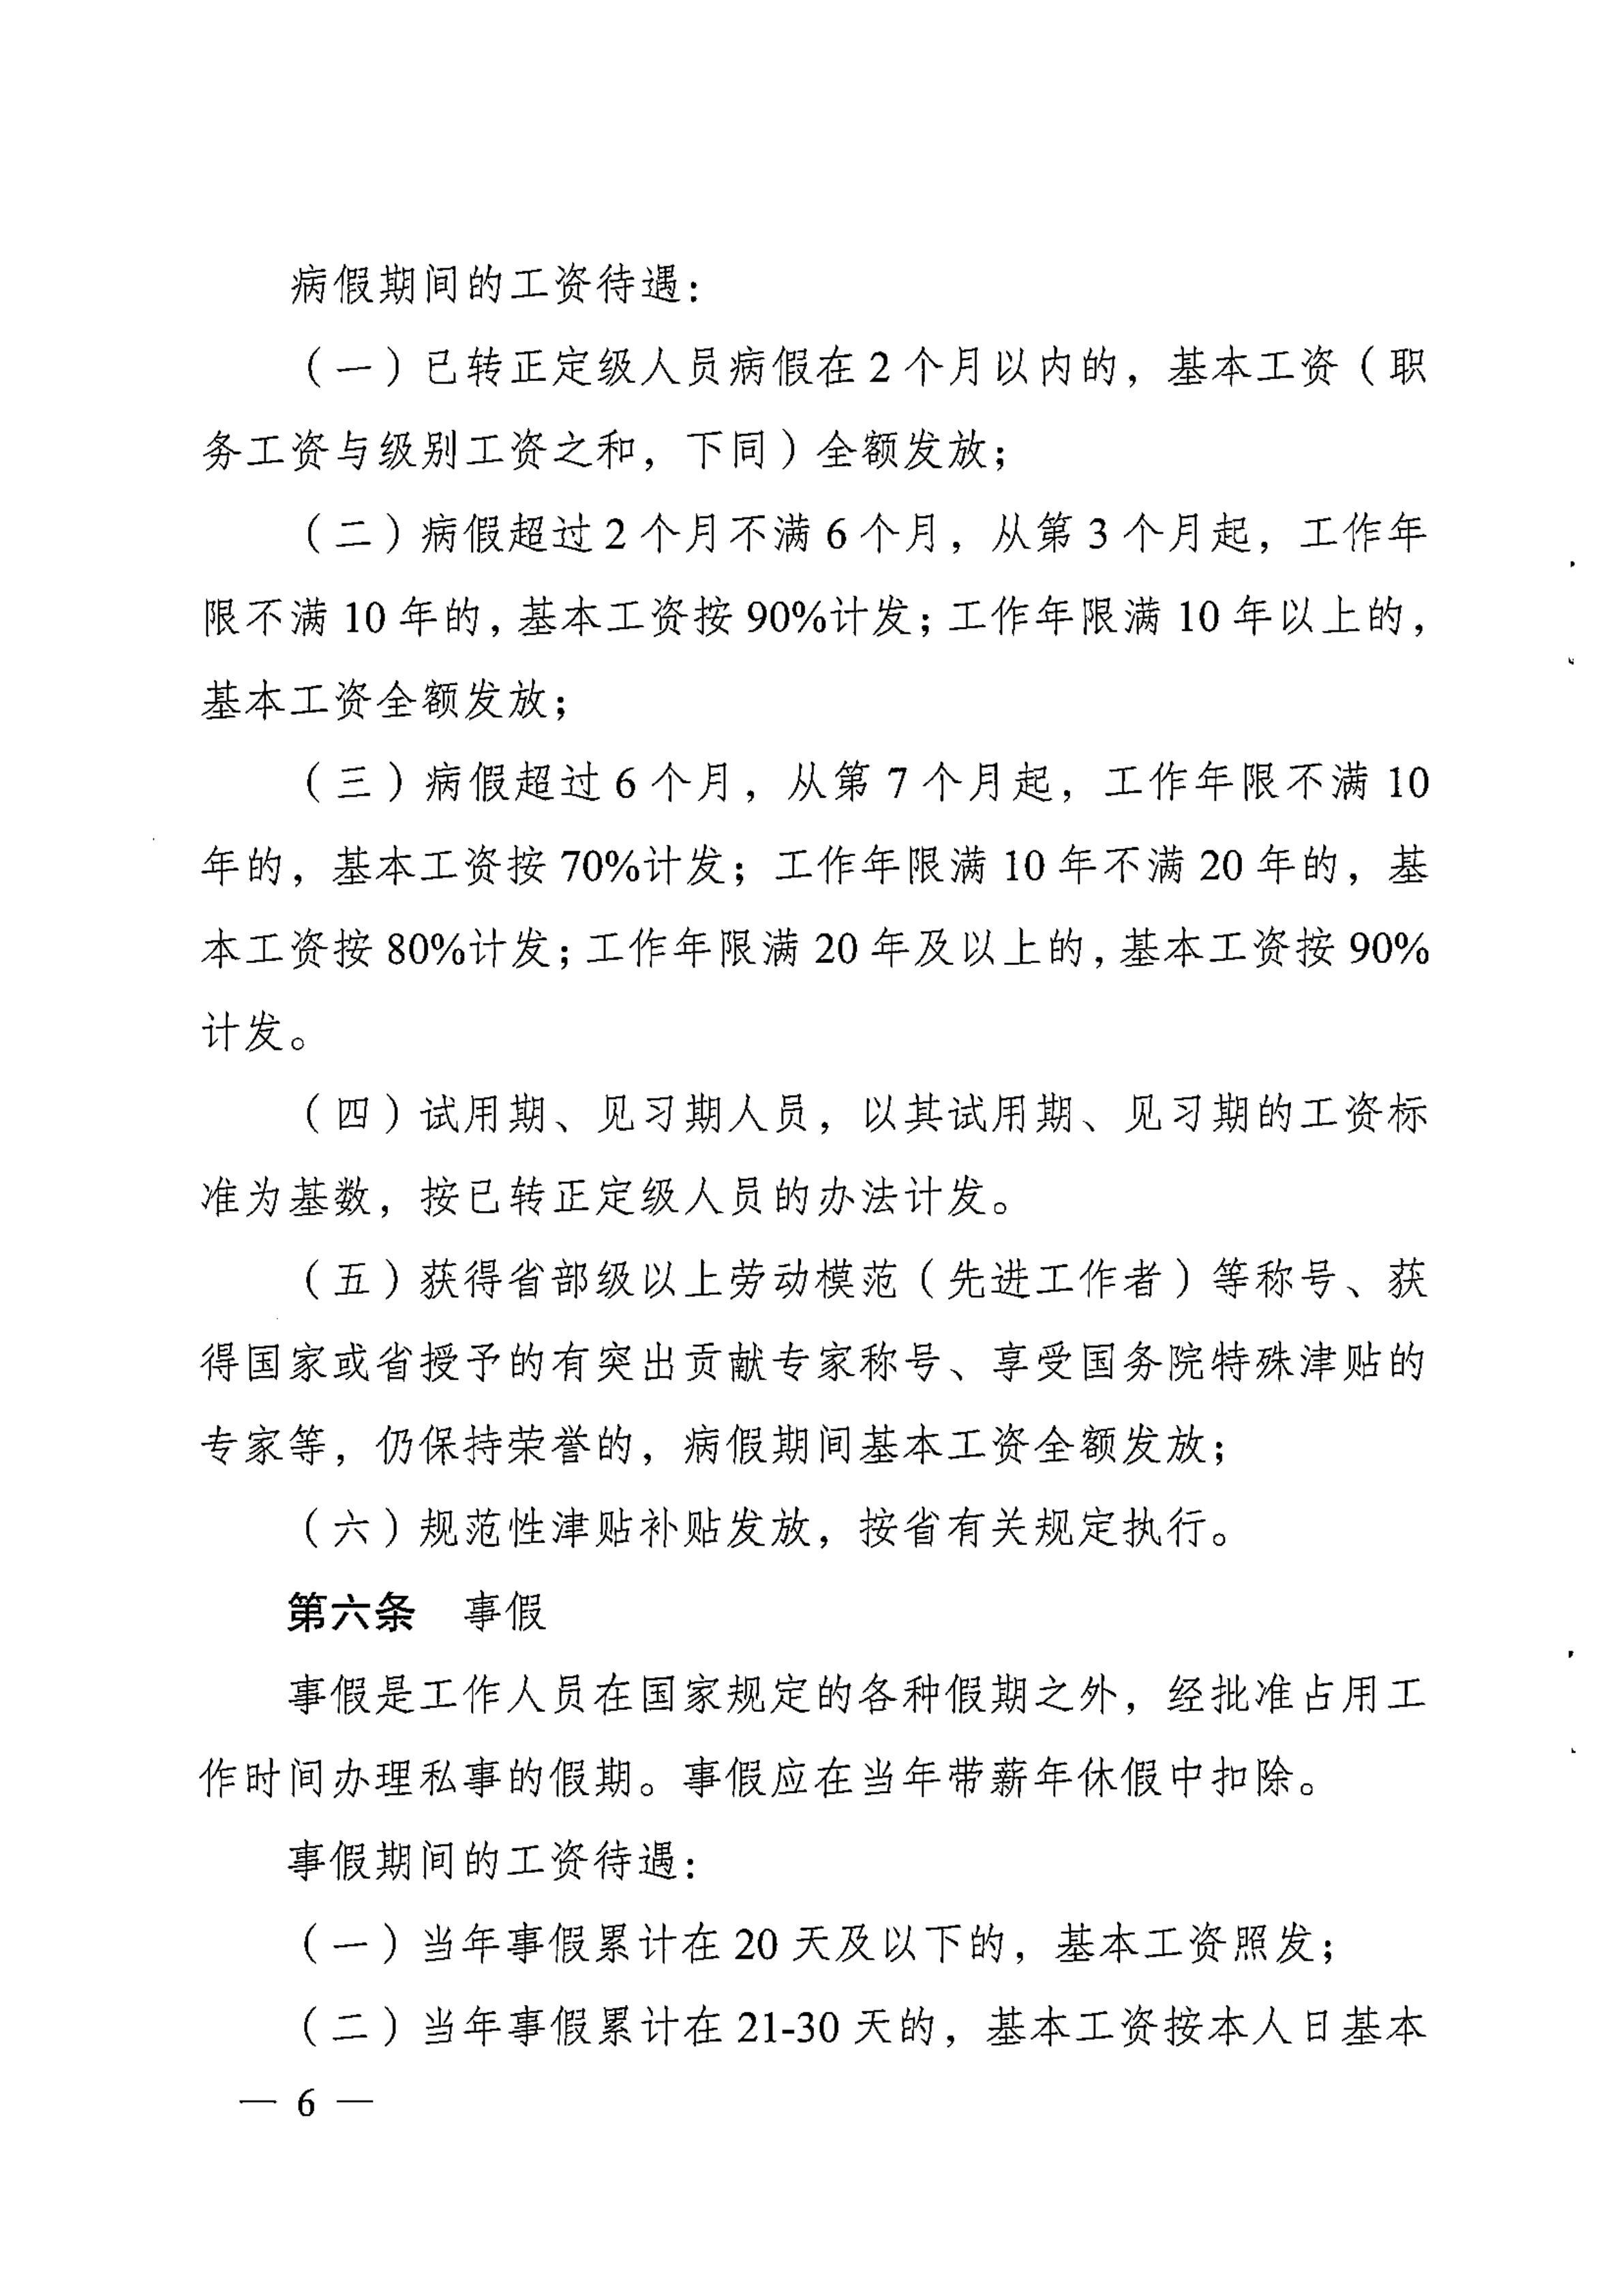 关于印发《广东省人民政府发展研究中心工作人员休假管理办法》的通知_05.jpg